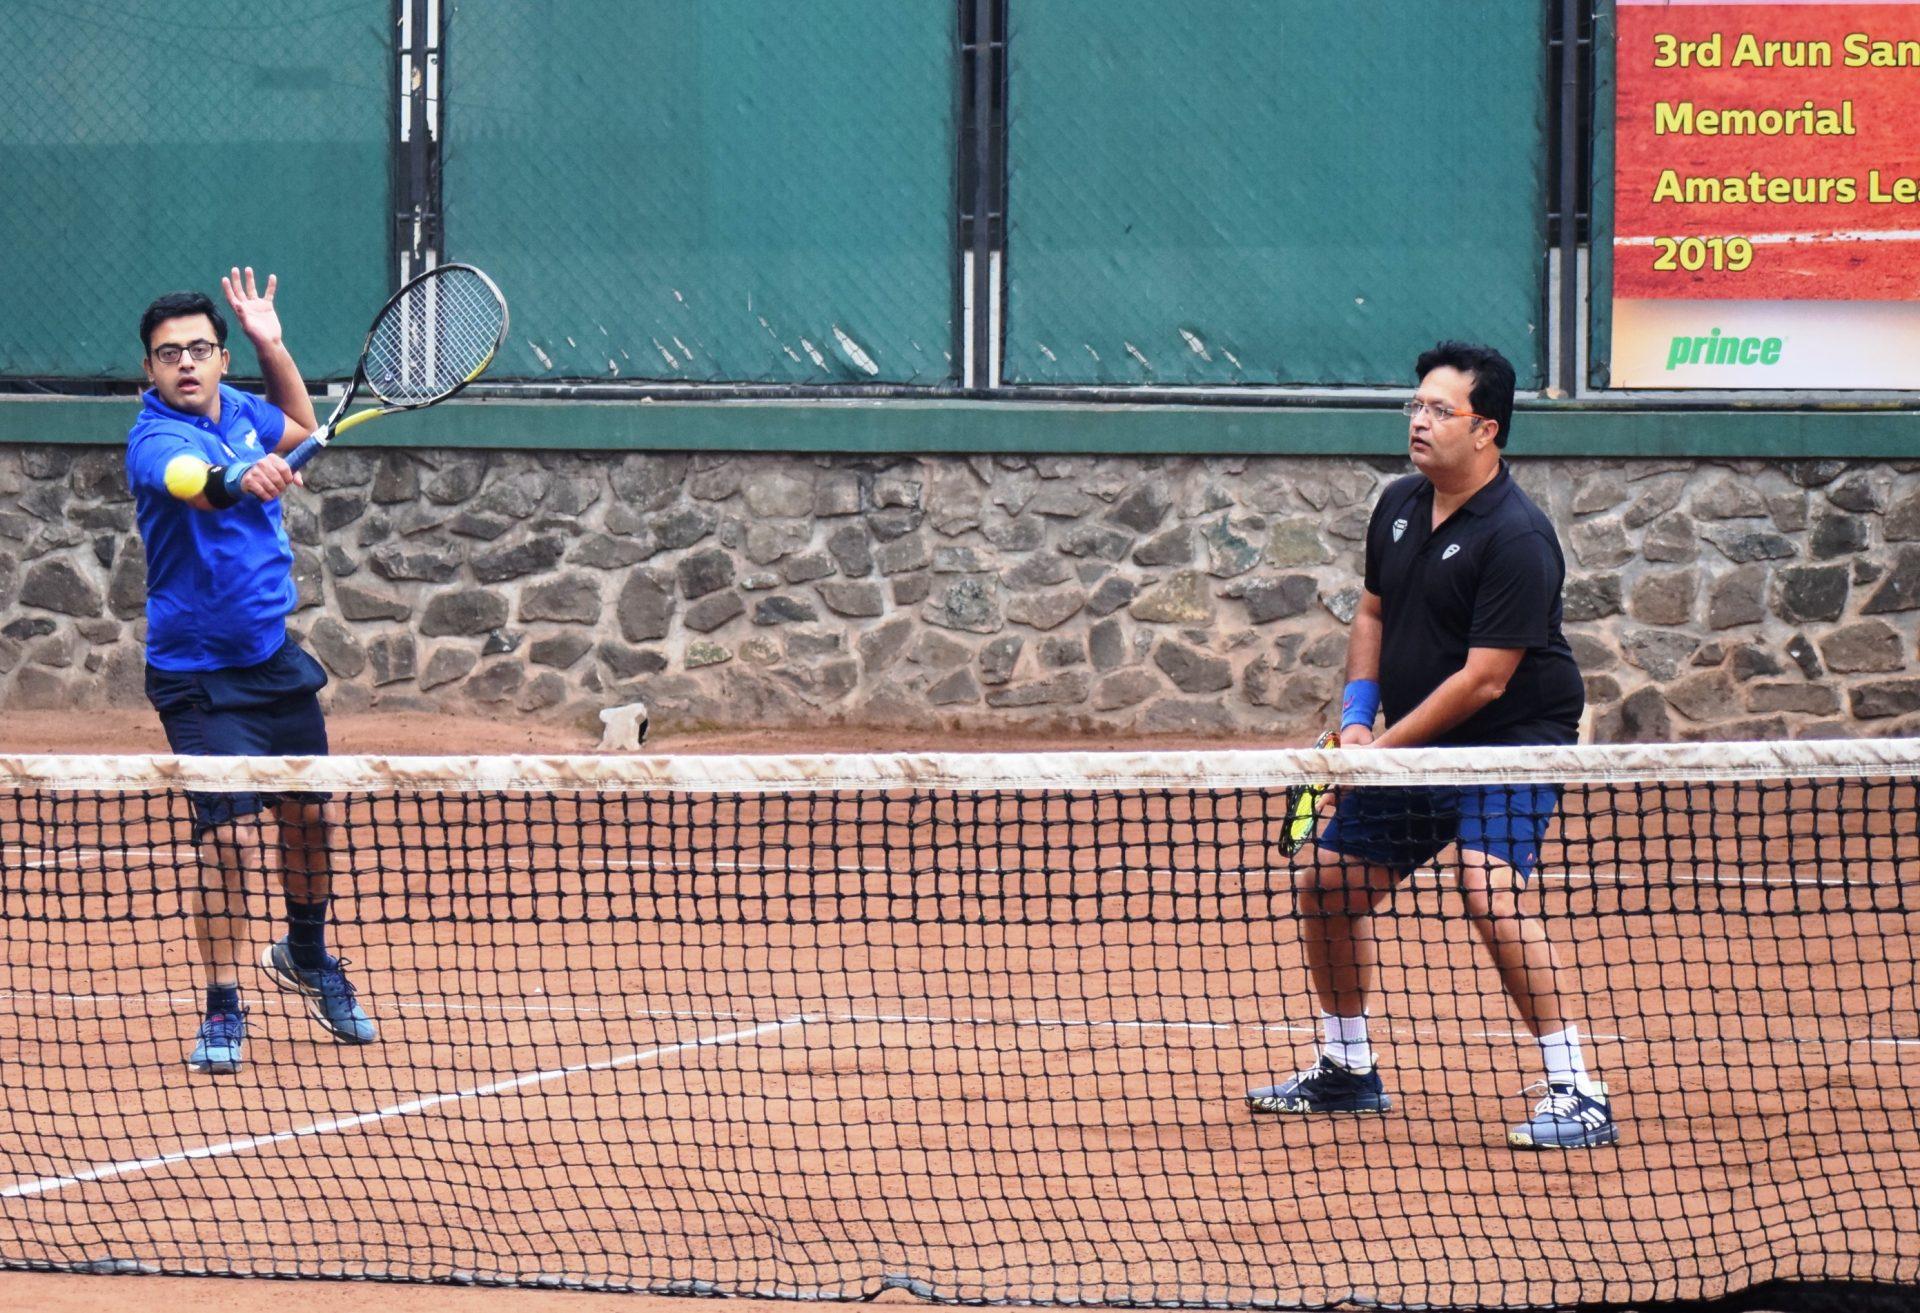 अरुण साने मेमोरियल हौशी टेनिस लीग स्पर्धेत पीवायसी अ, बालेवाडी टेनिस नट्स संघांचा उपांत्य फेरीत प्रवेश